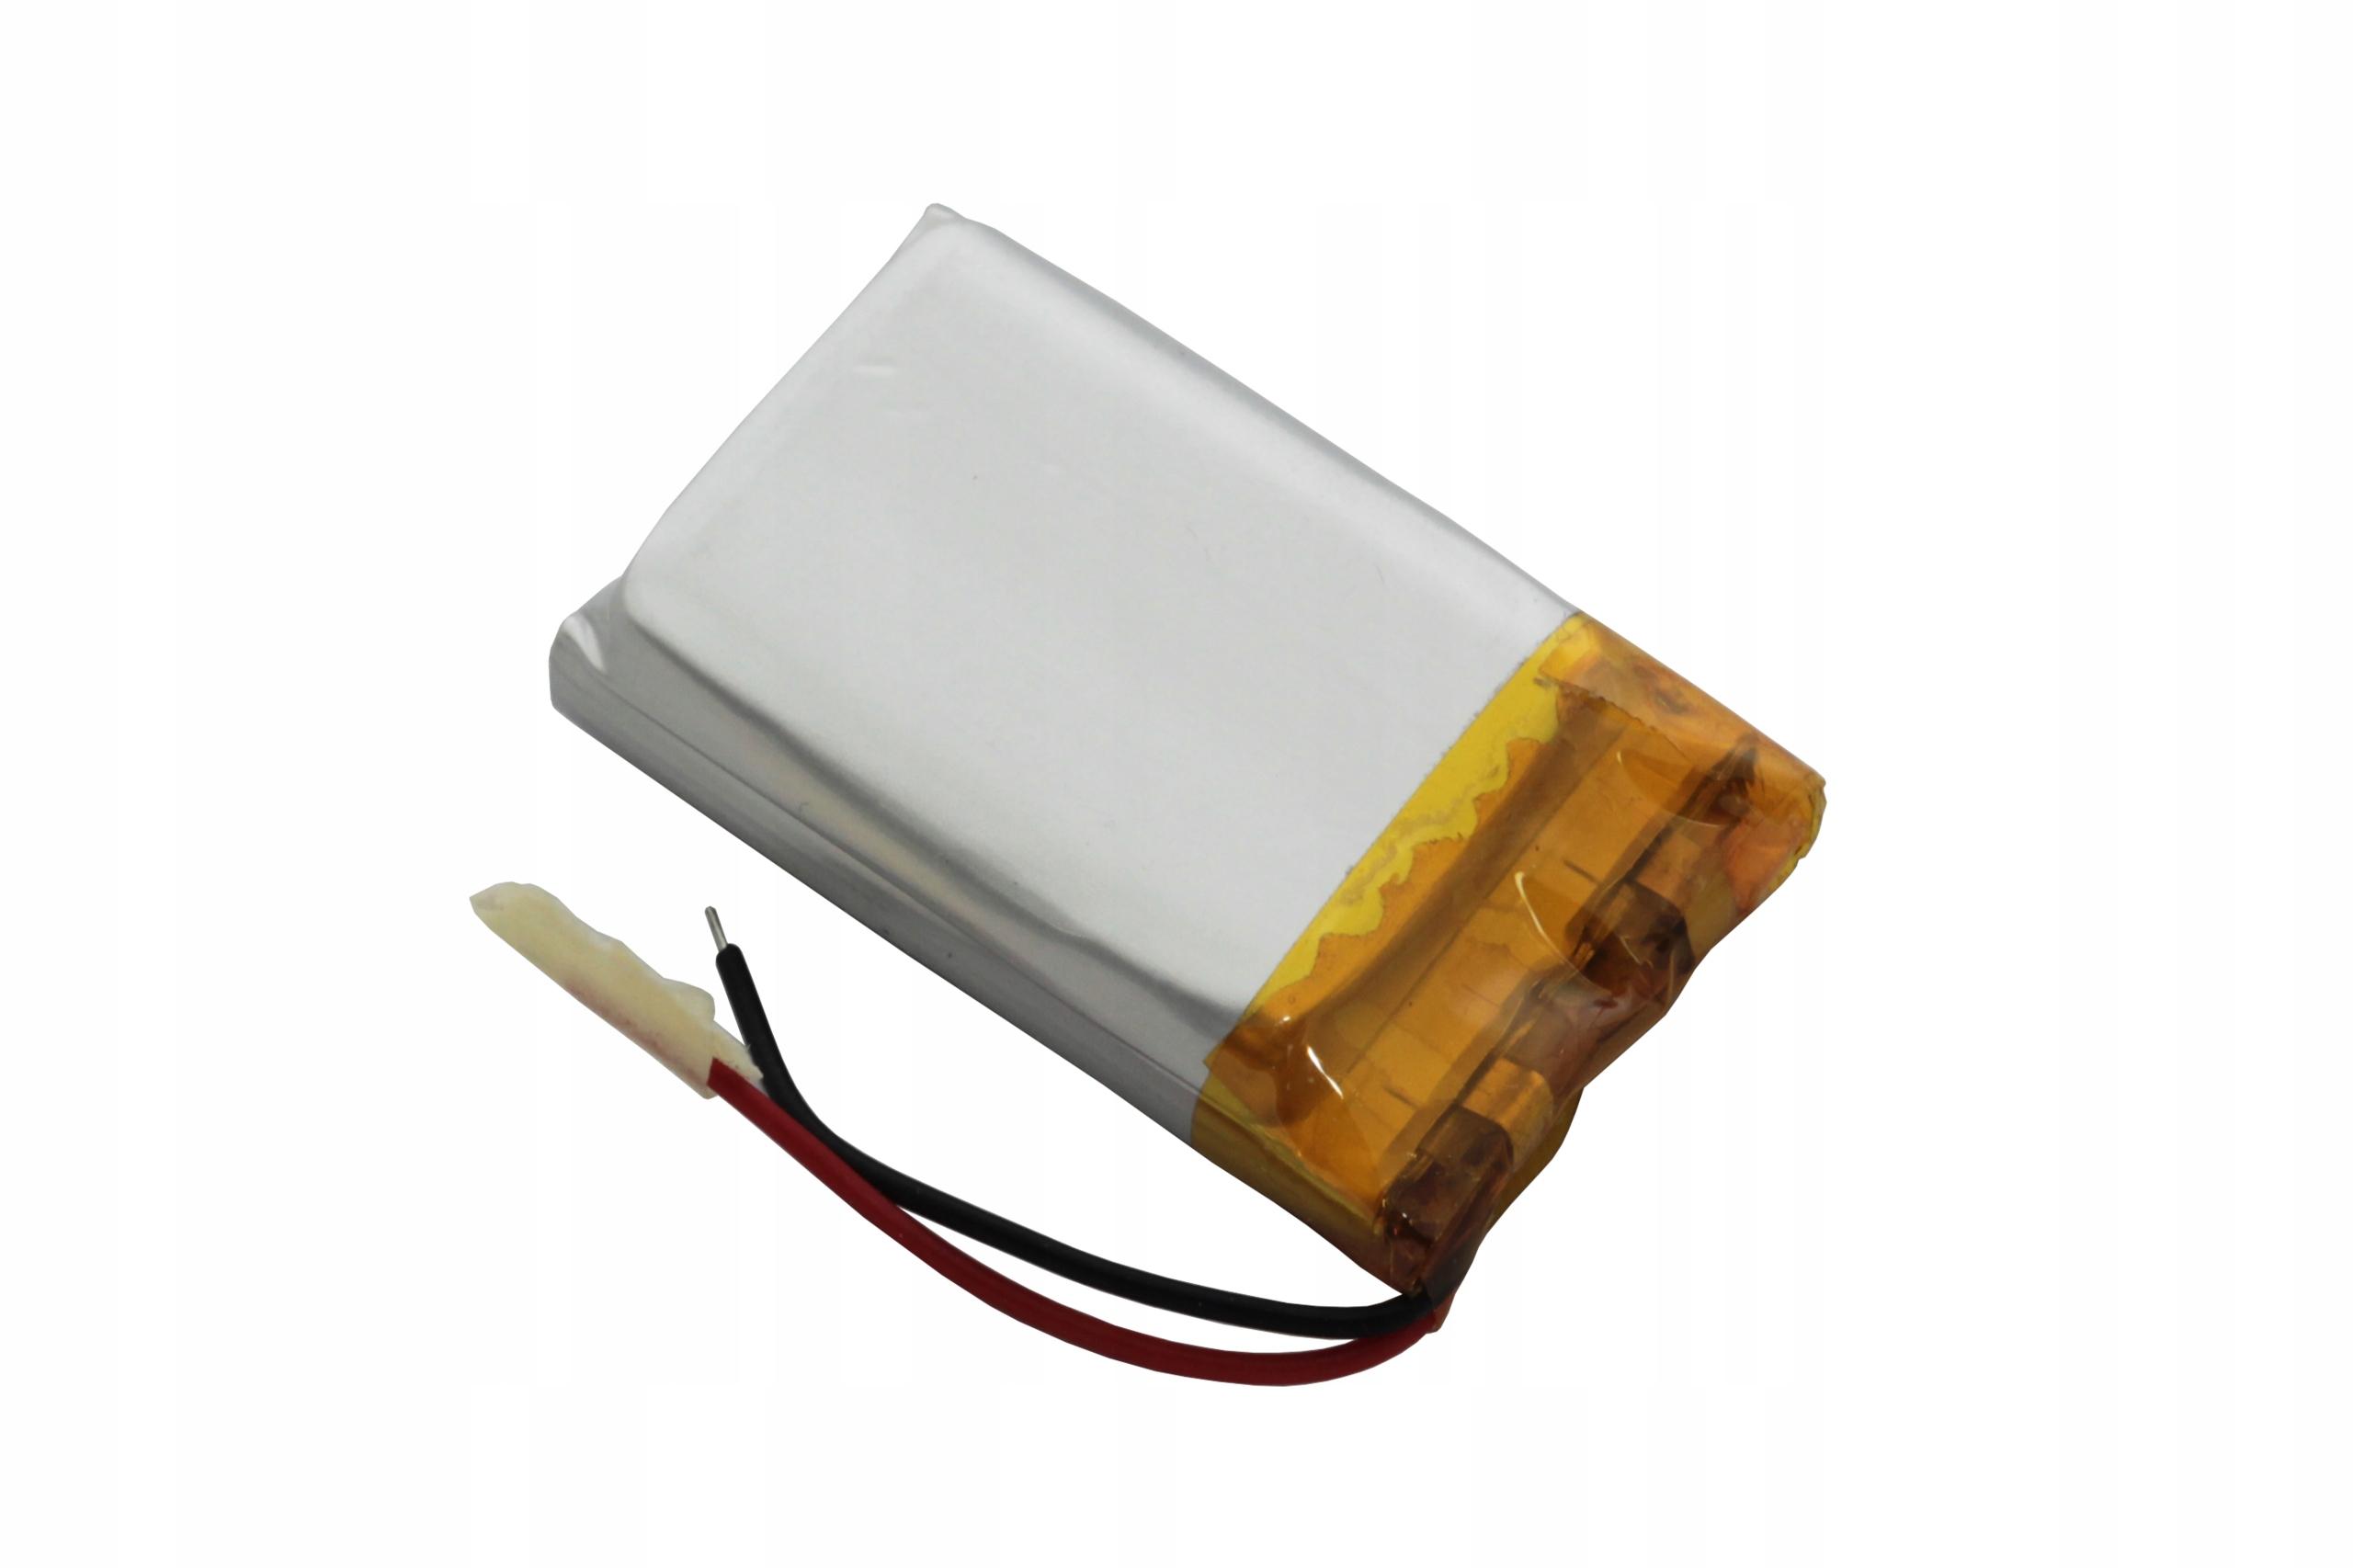 AKUMULATOR PRYZMATYCZNY Li-POLy 3,7V 300mAh 602030 Marka AmElectronics